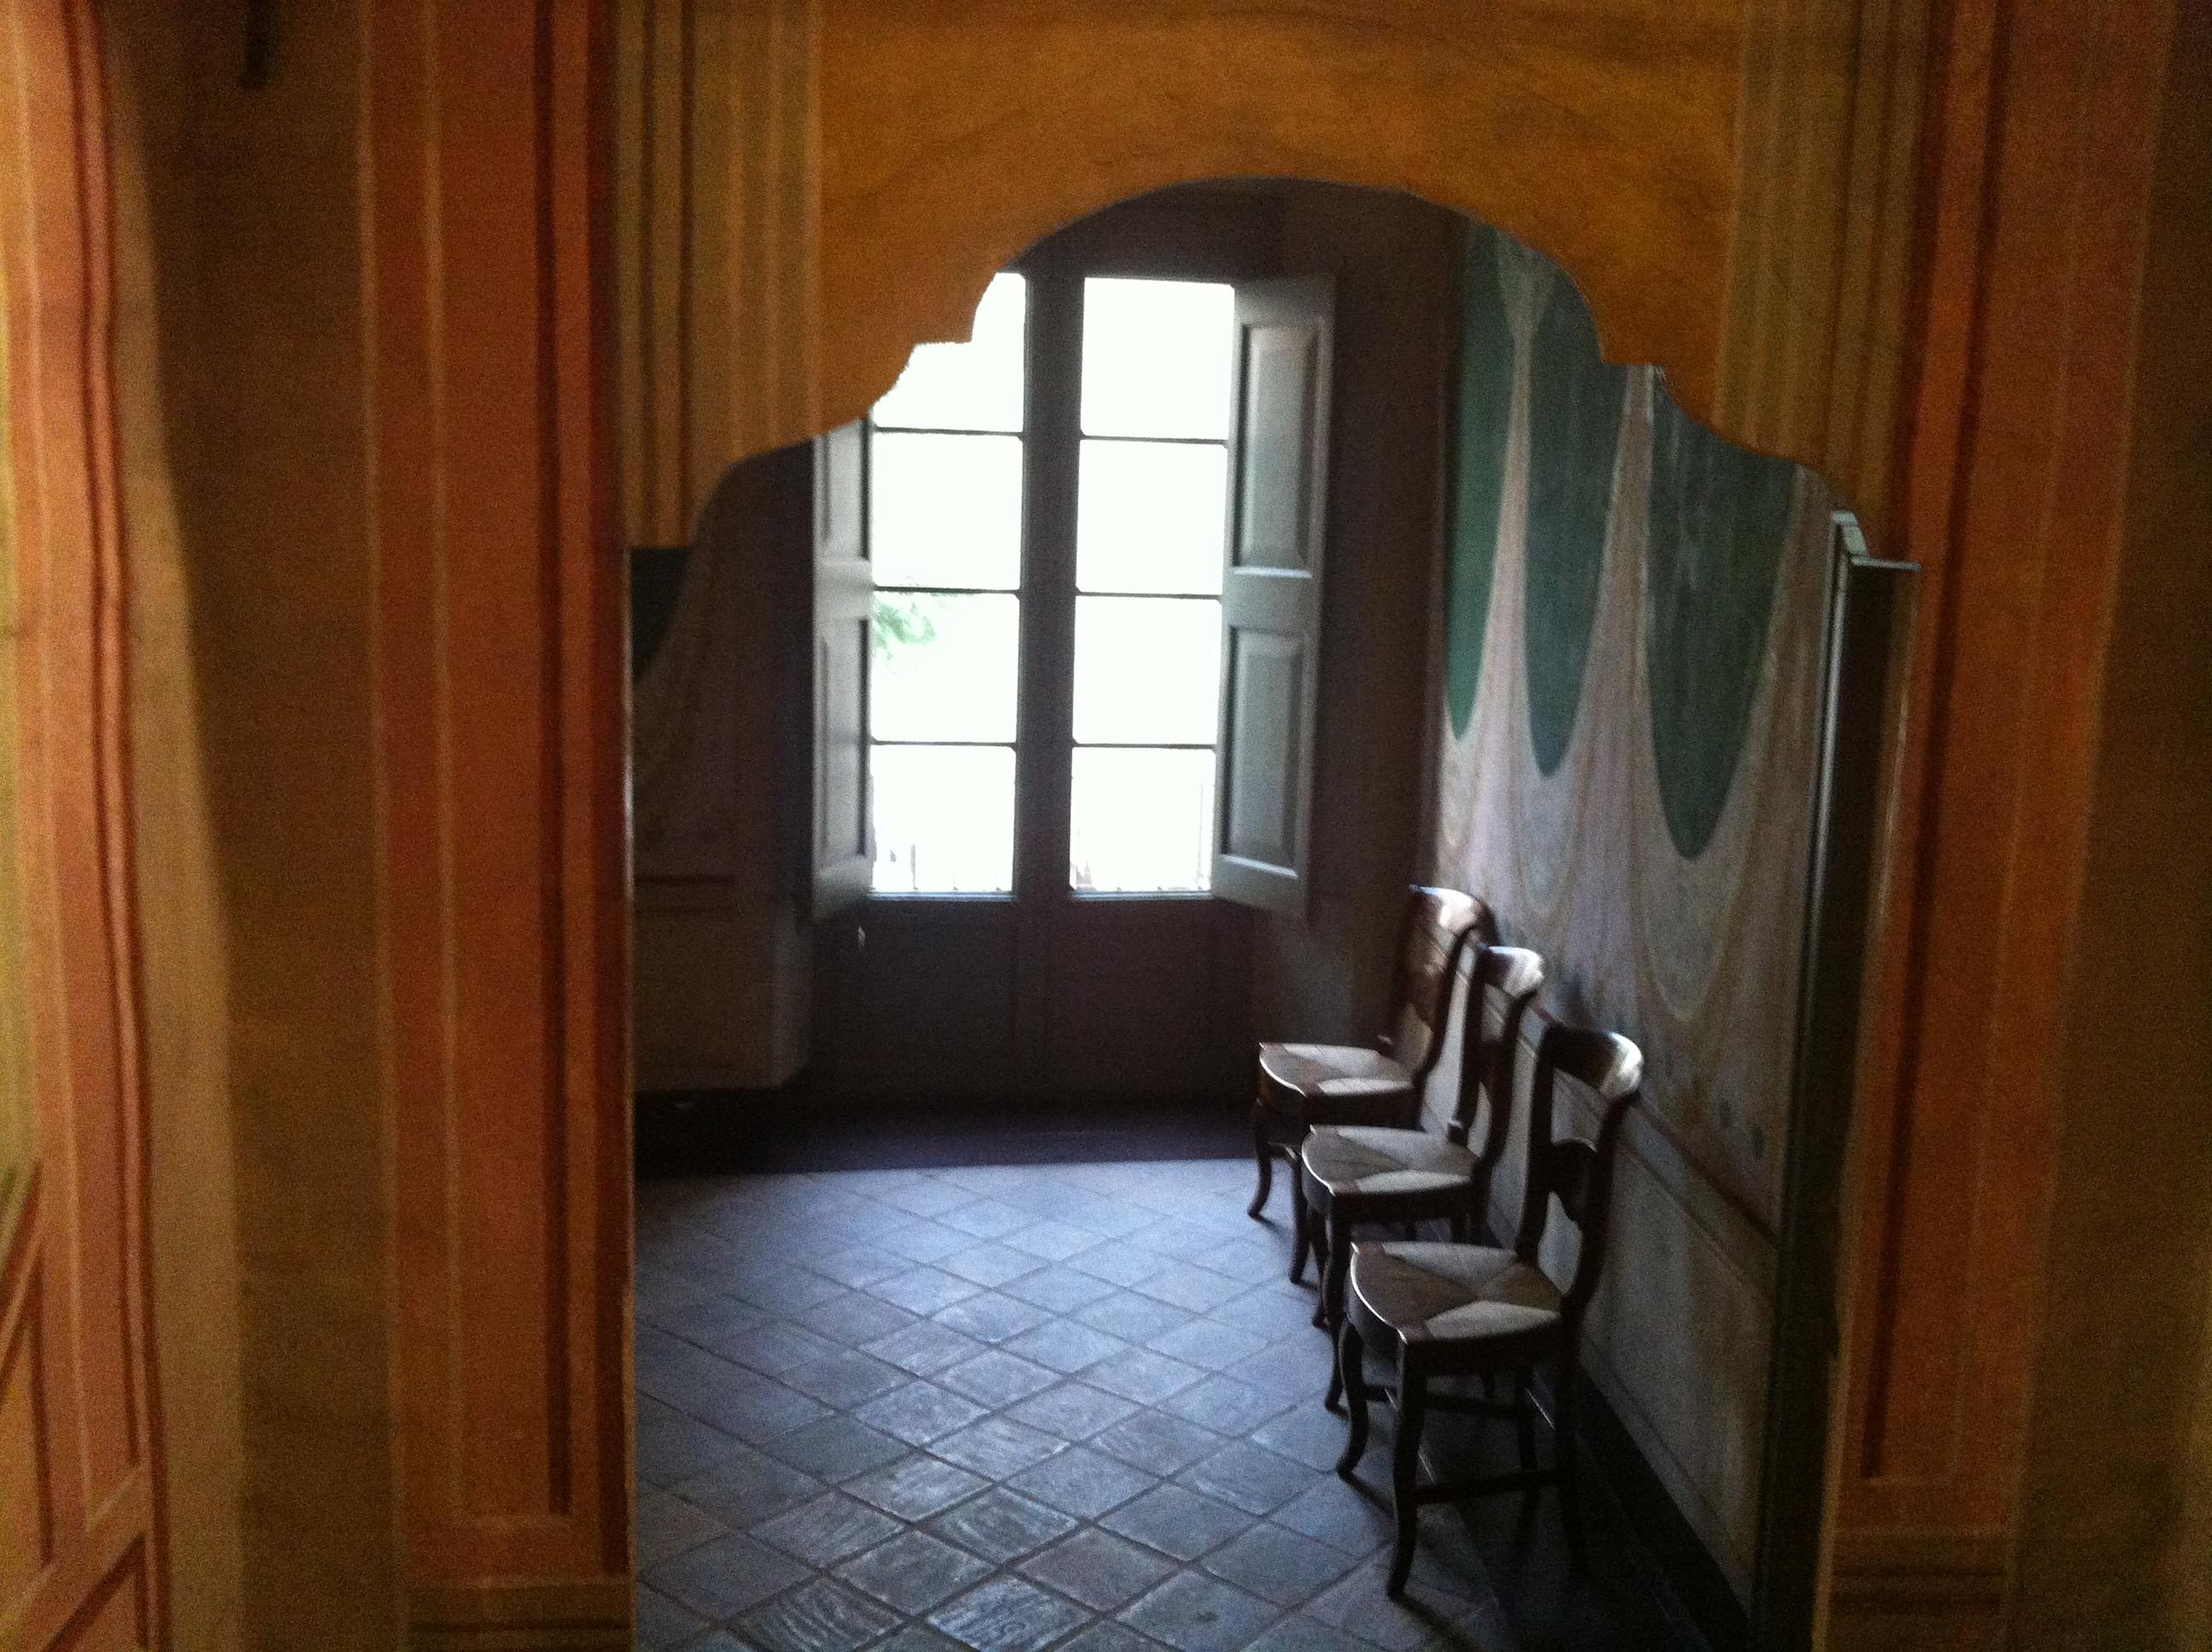 file interiors casa duran sabadell durant fms2012 149 On interiors sabadell